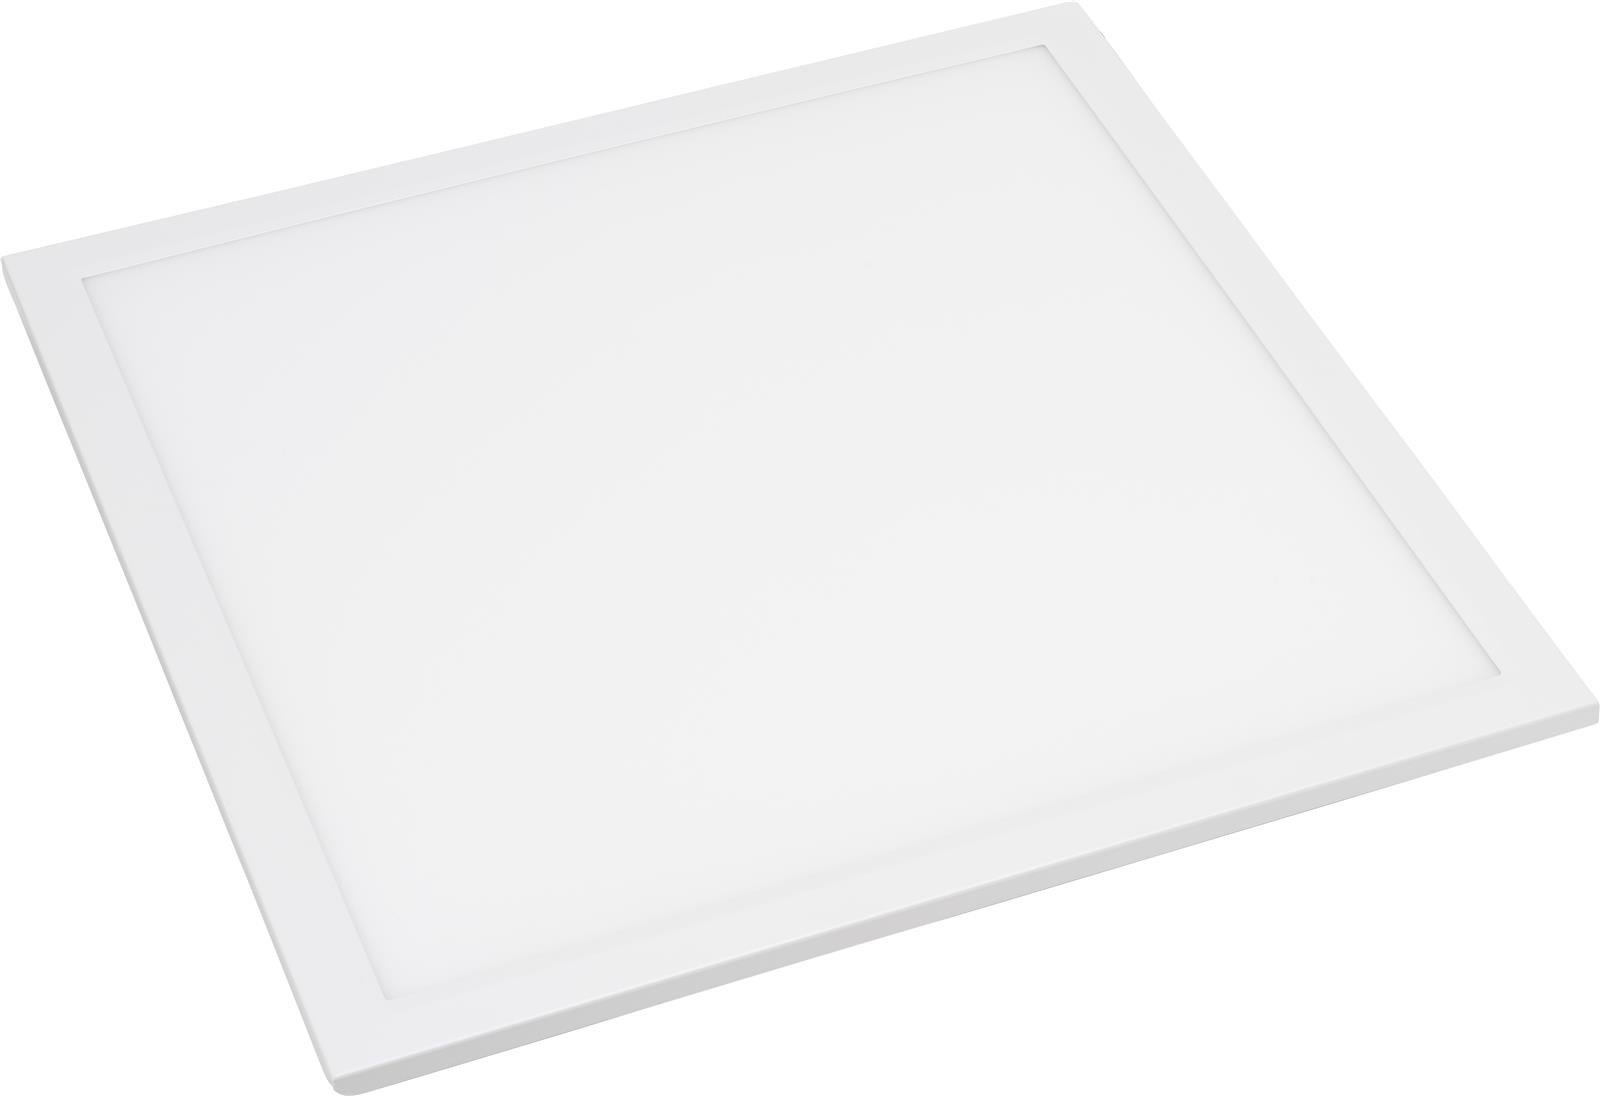 Plato Tunable White startpaket